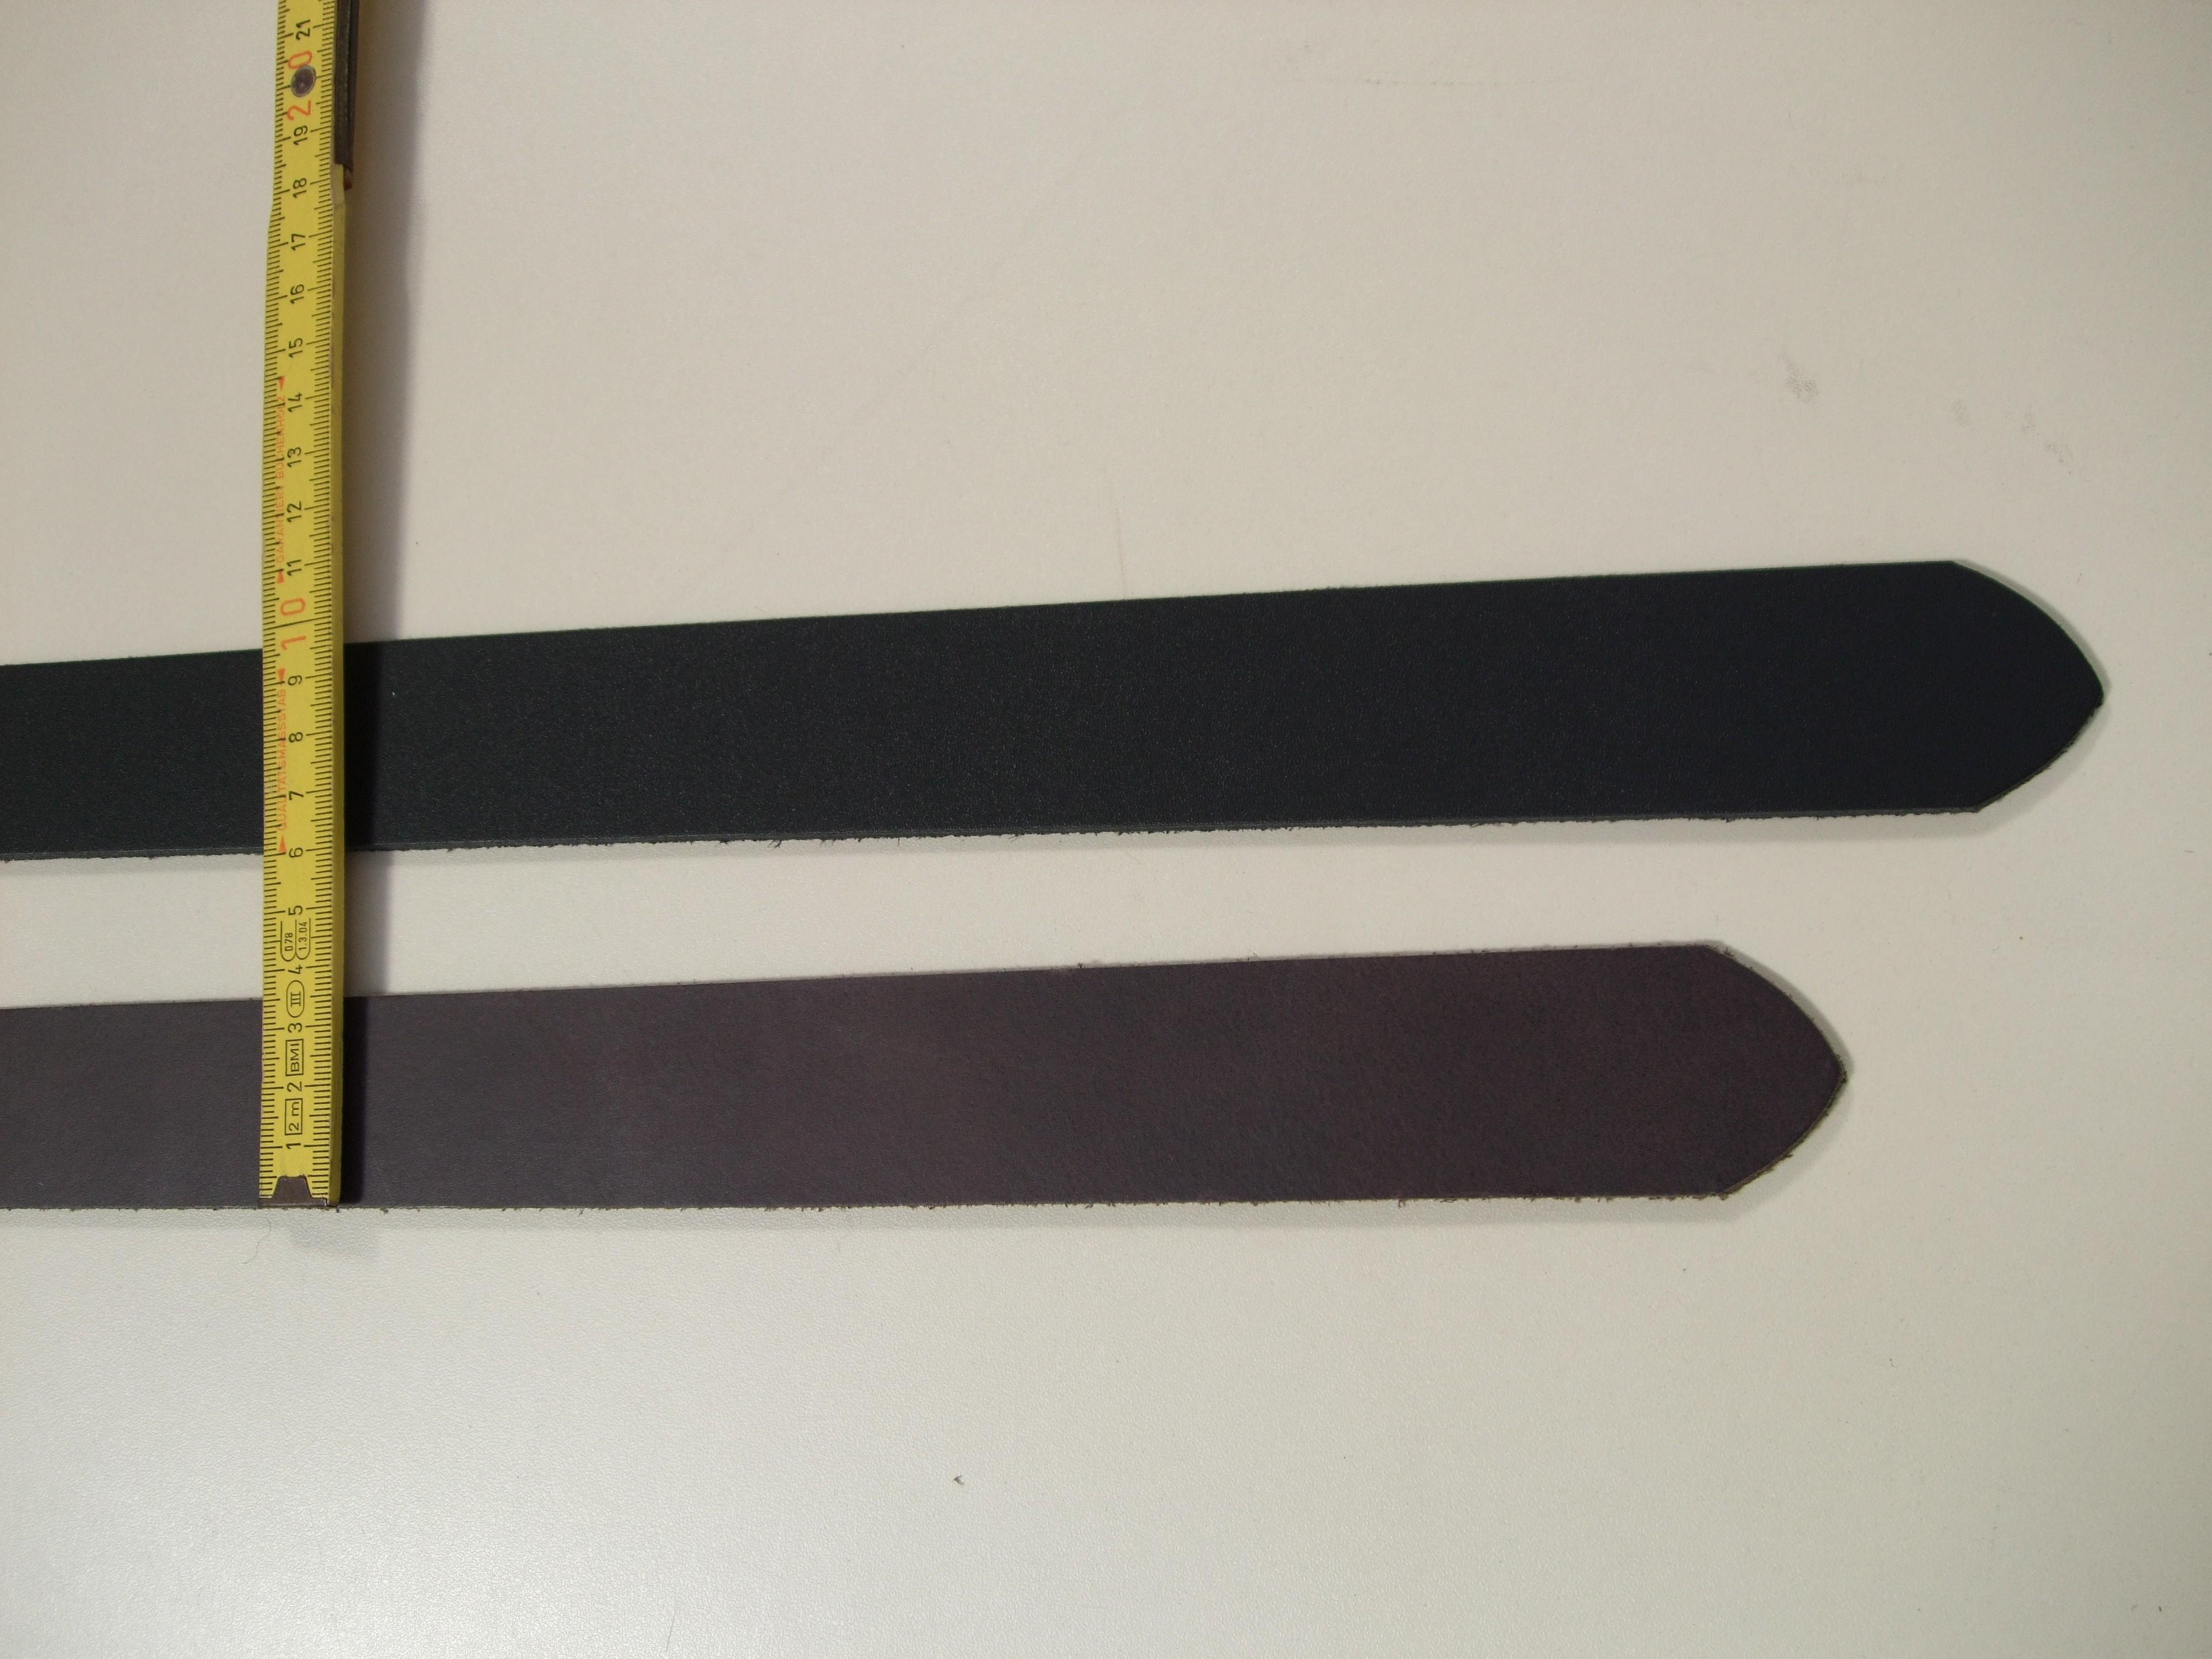 Spaltgürtelstreifen 3,5 cm. Schwarz und dunkelbraun. 1G35